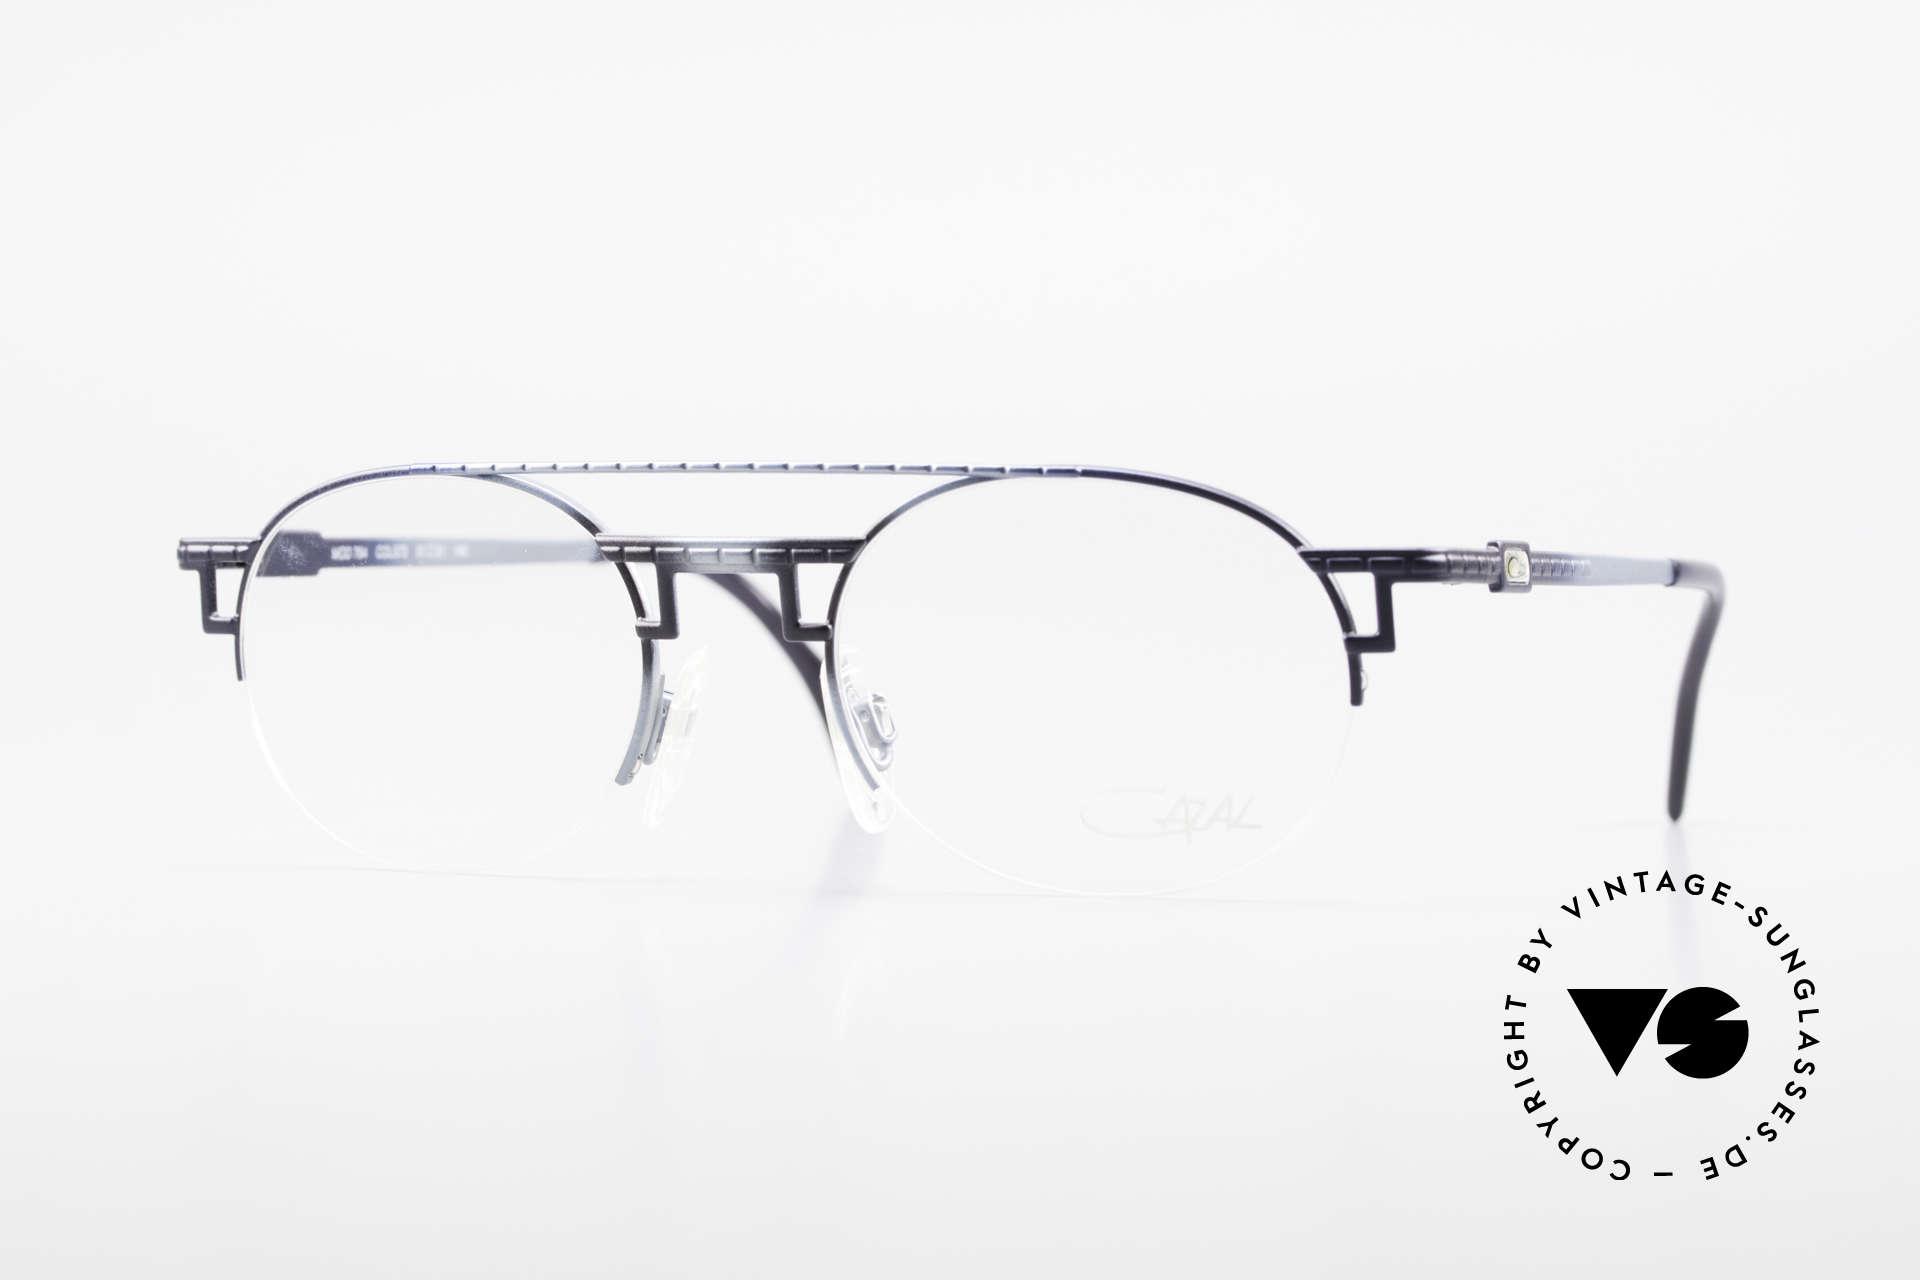 Cazal 764 True Vintage 90's Cazal Specs, classy Cazal vintage glasses for men from 1997, Made for Men